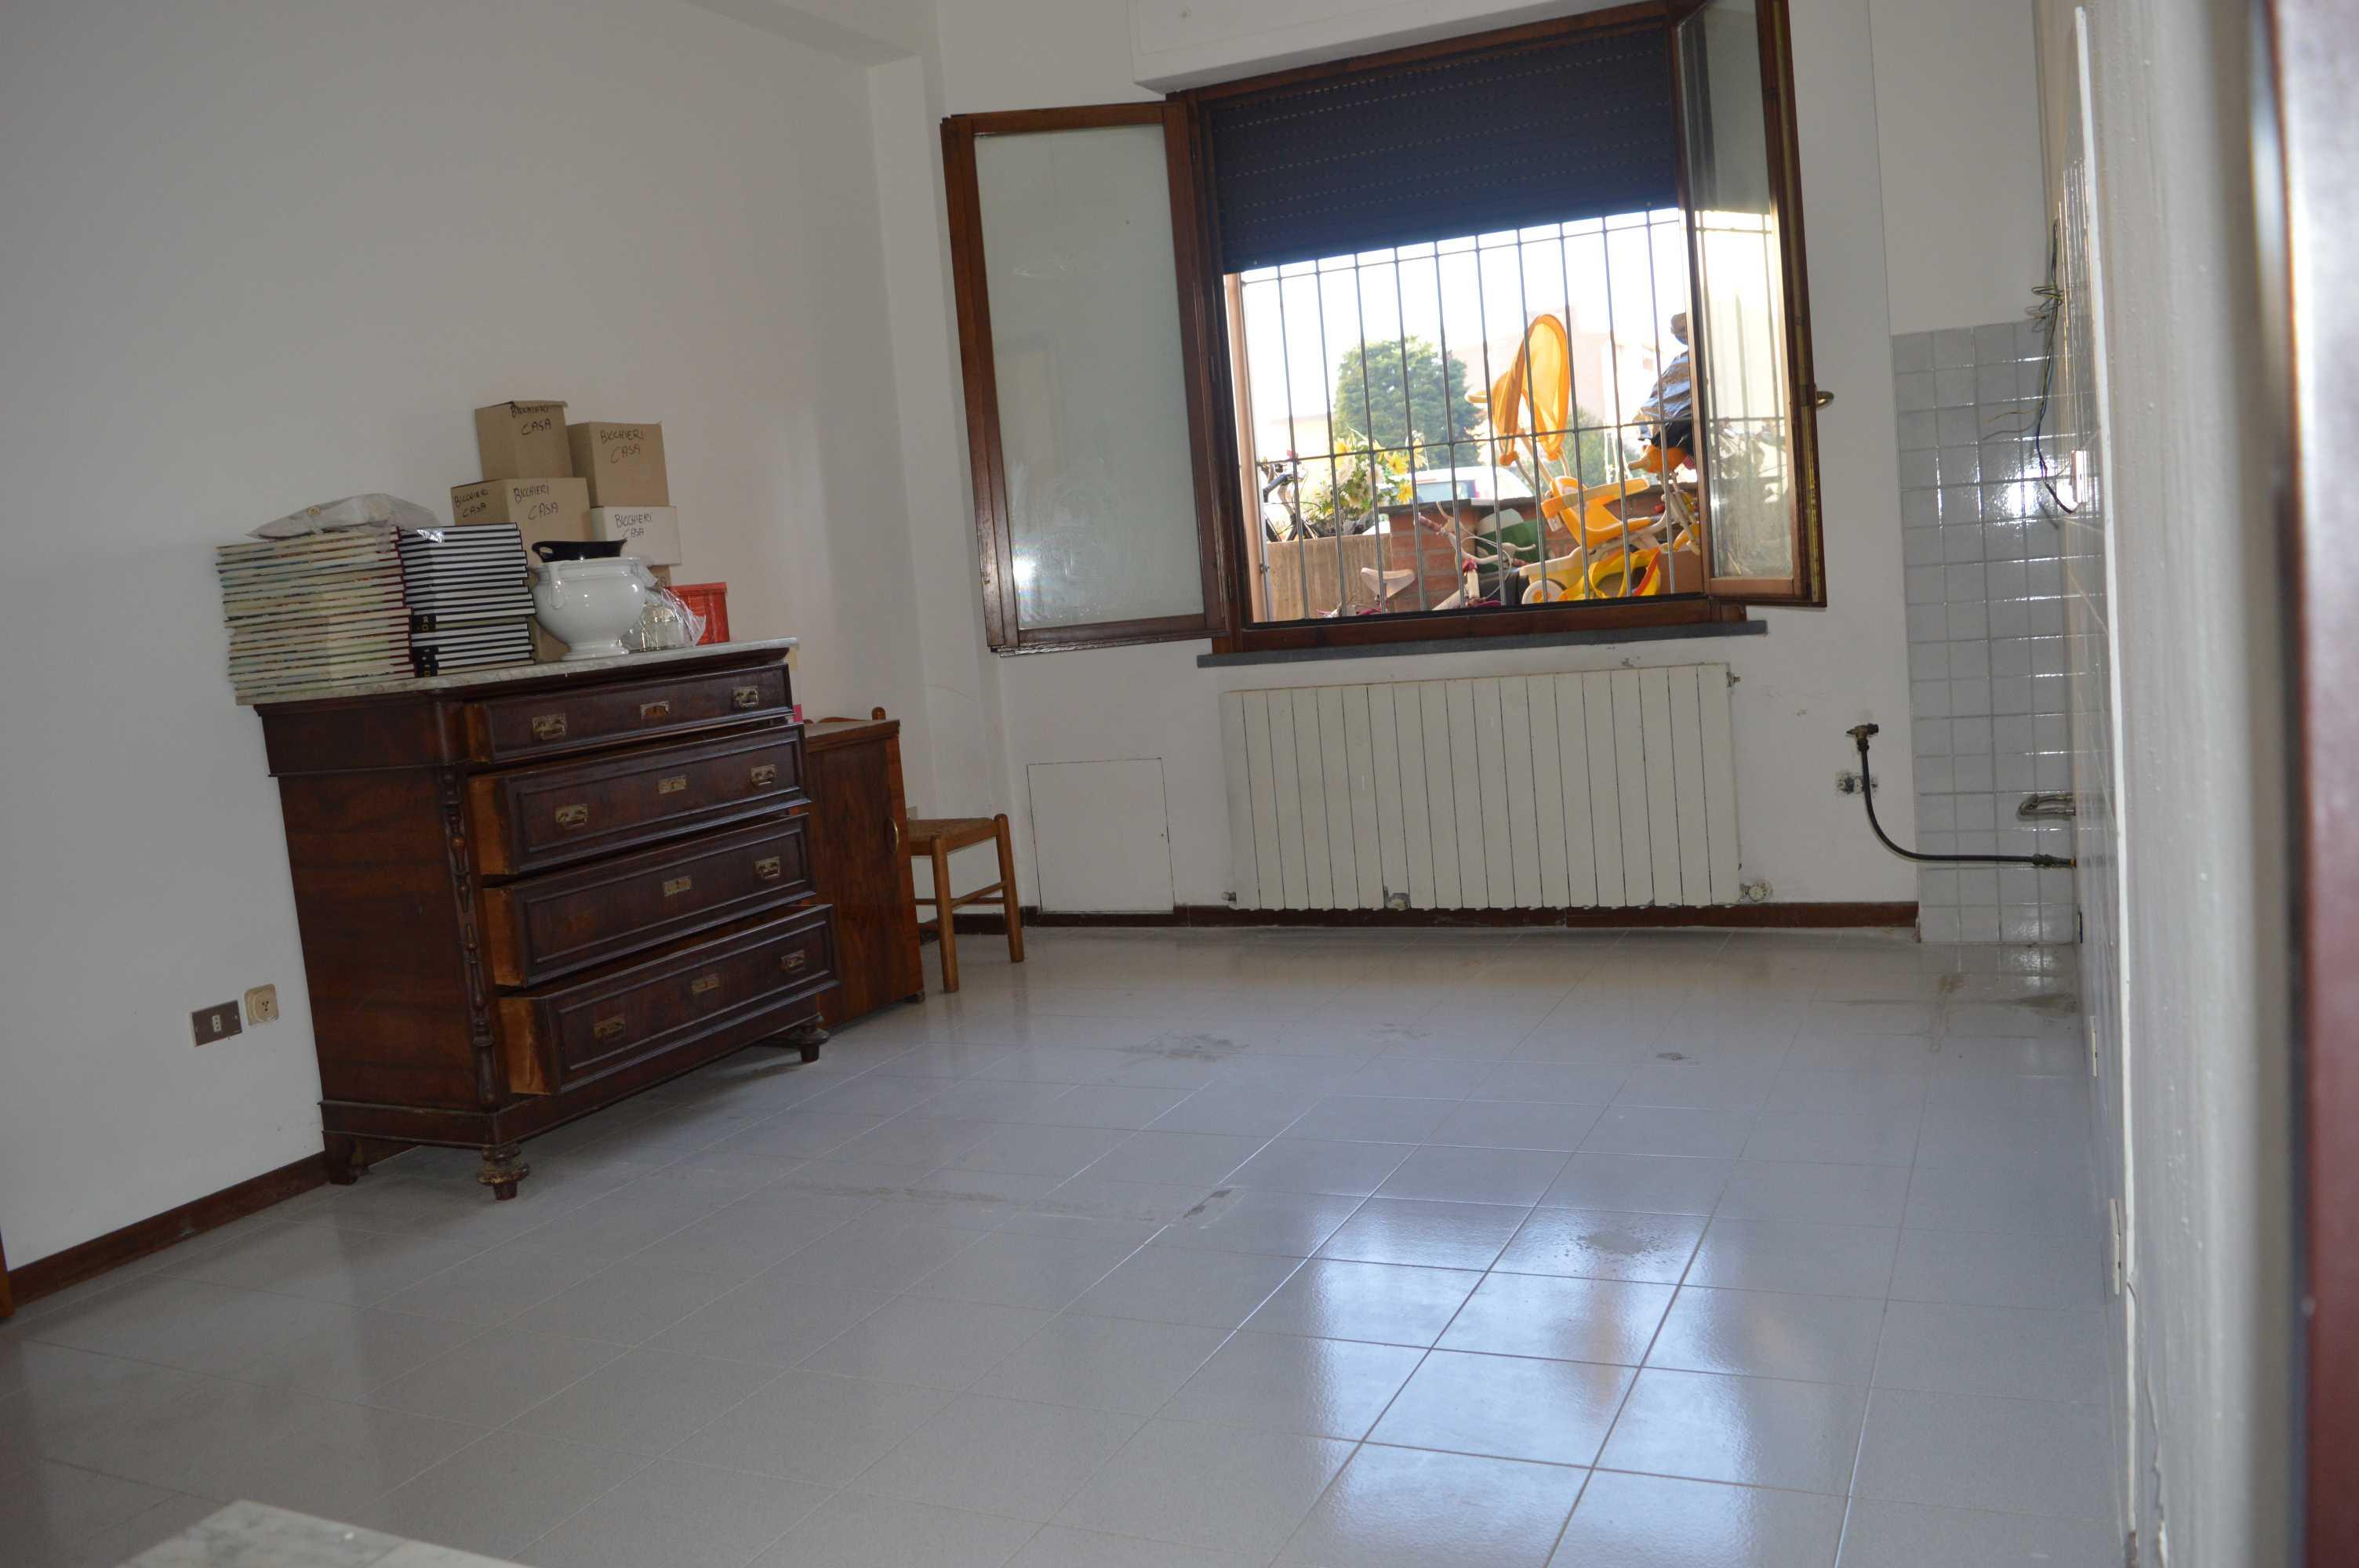 Appartamento al piano terra con una camera da letto